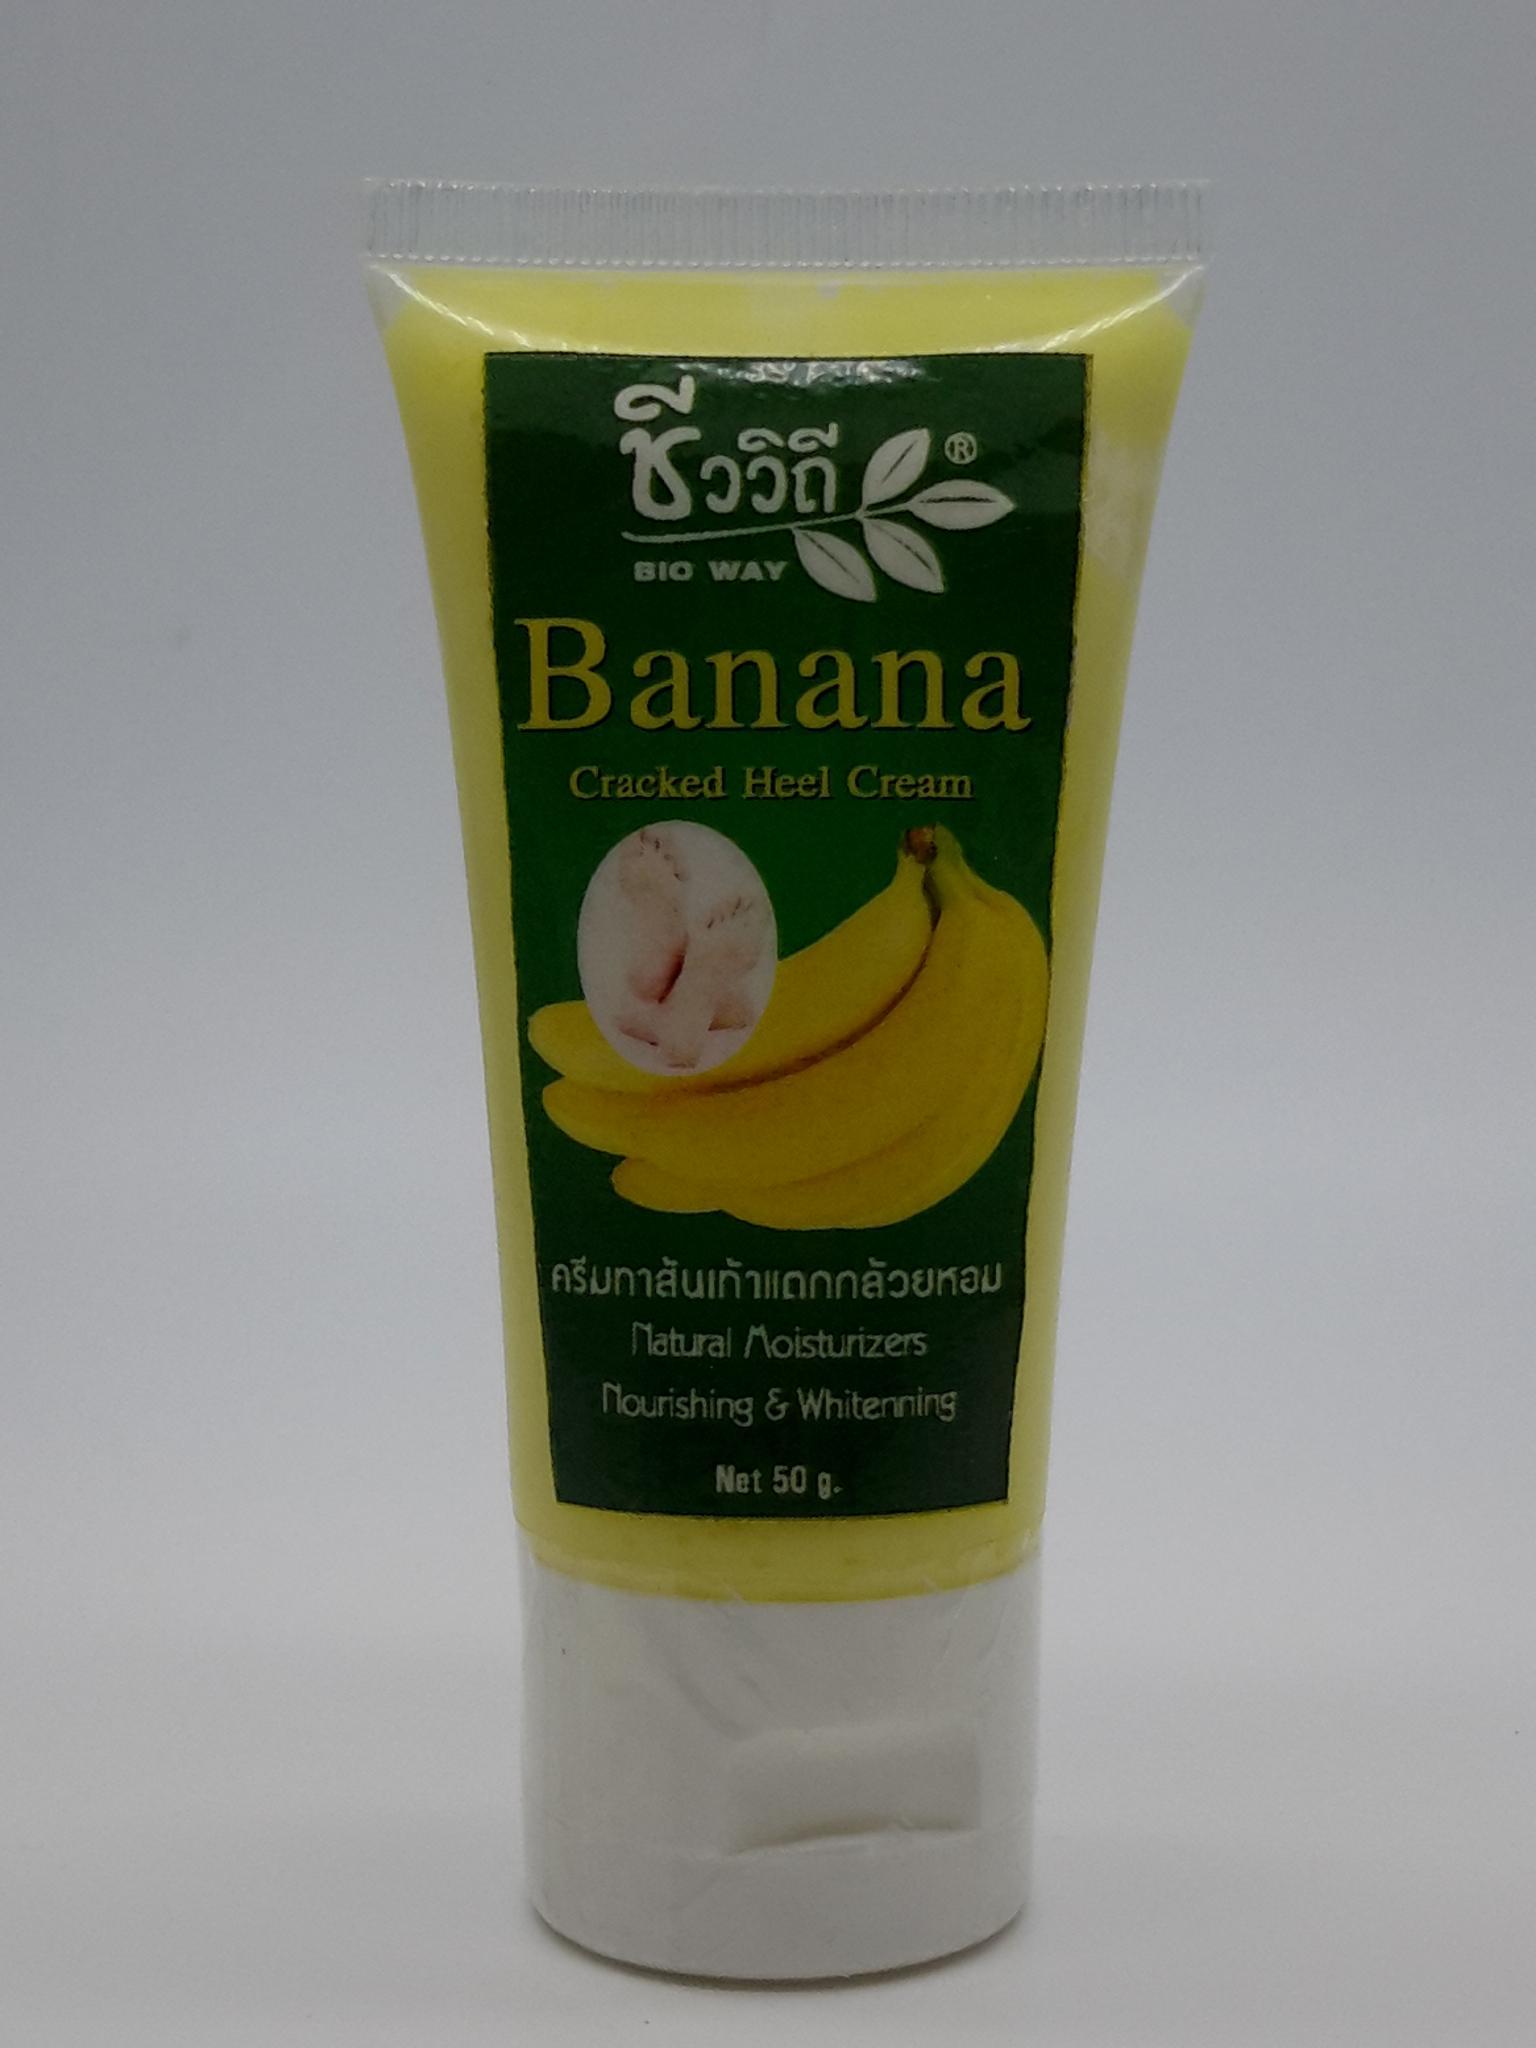 ครีมทาส้นเท้าแตกกล้วยหอม